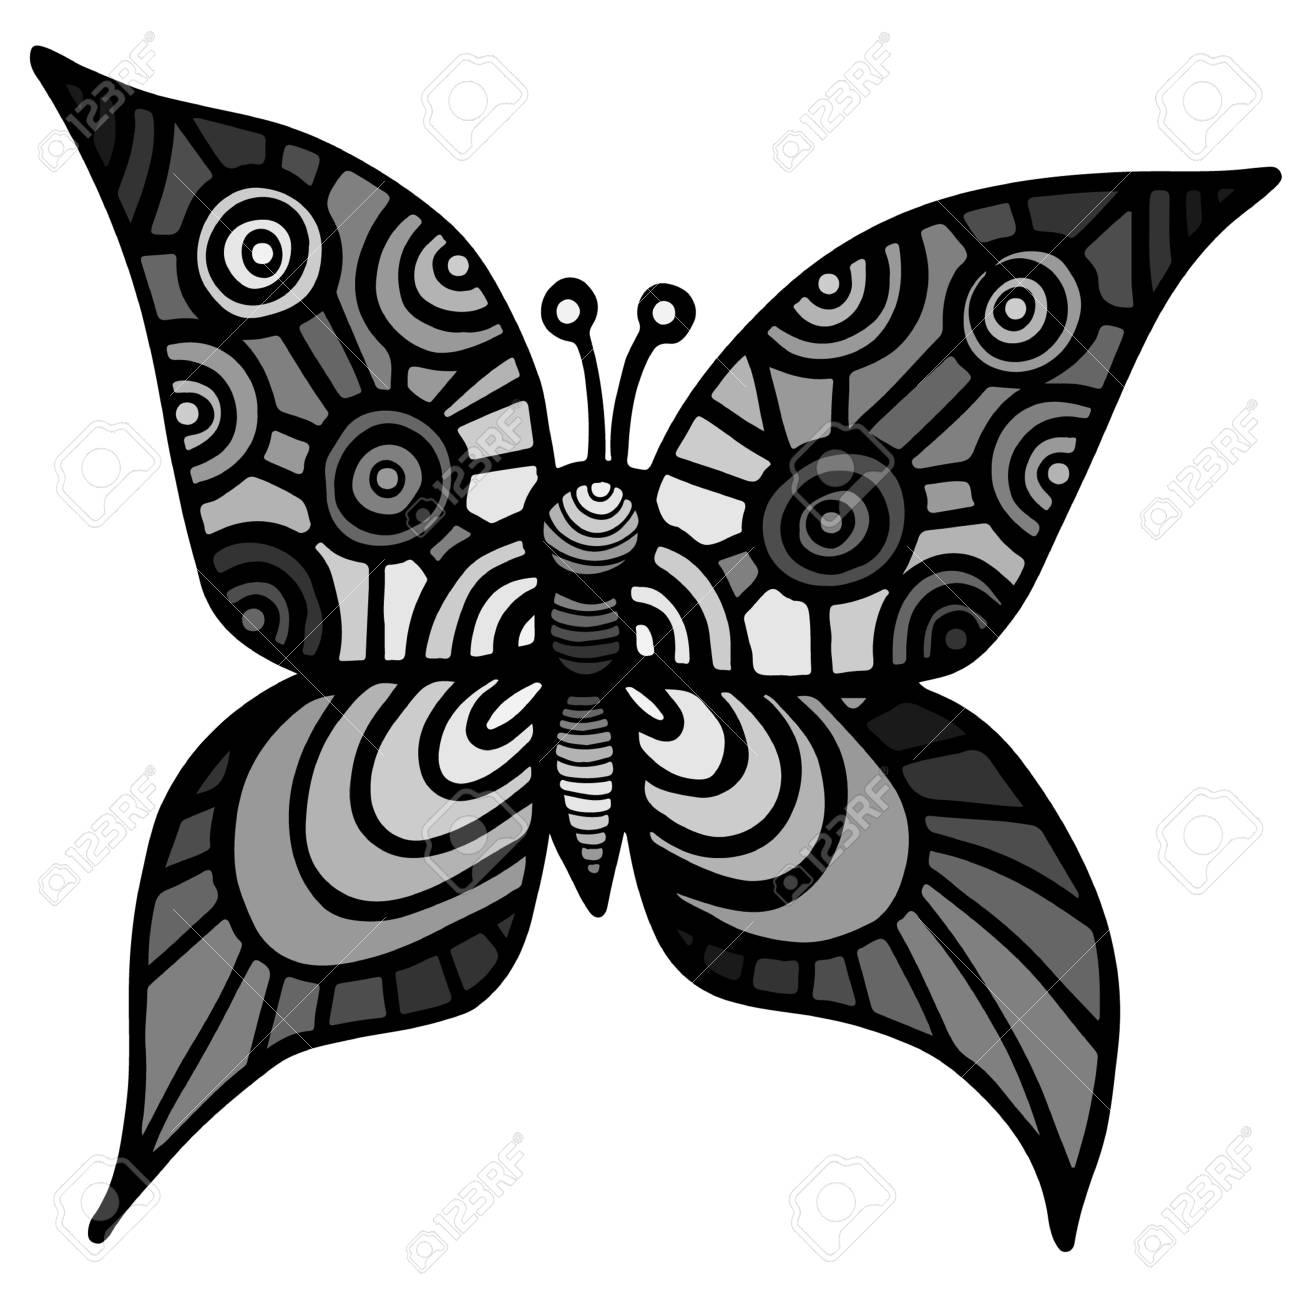 Decoratif Papillon Gris Isole Pour Le Tatouage Livre De Coloriage Ou De La Page Pour Les Adultes Et Les Enfants Sur Le Fond Blanc